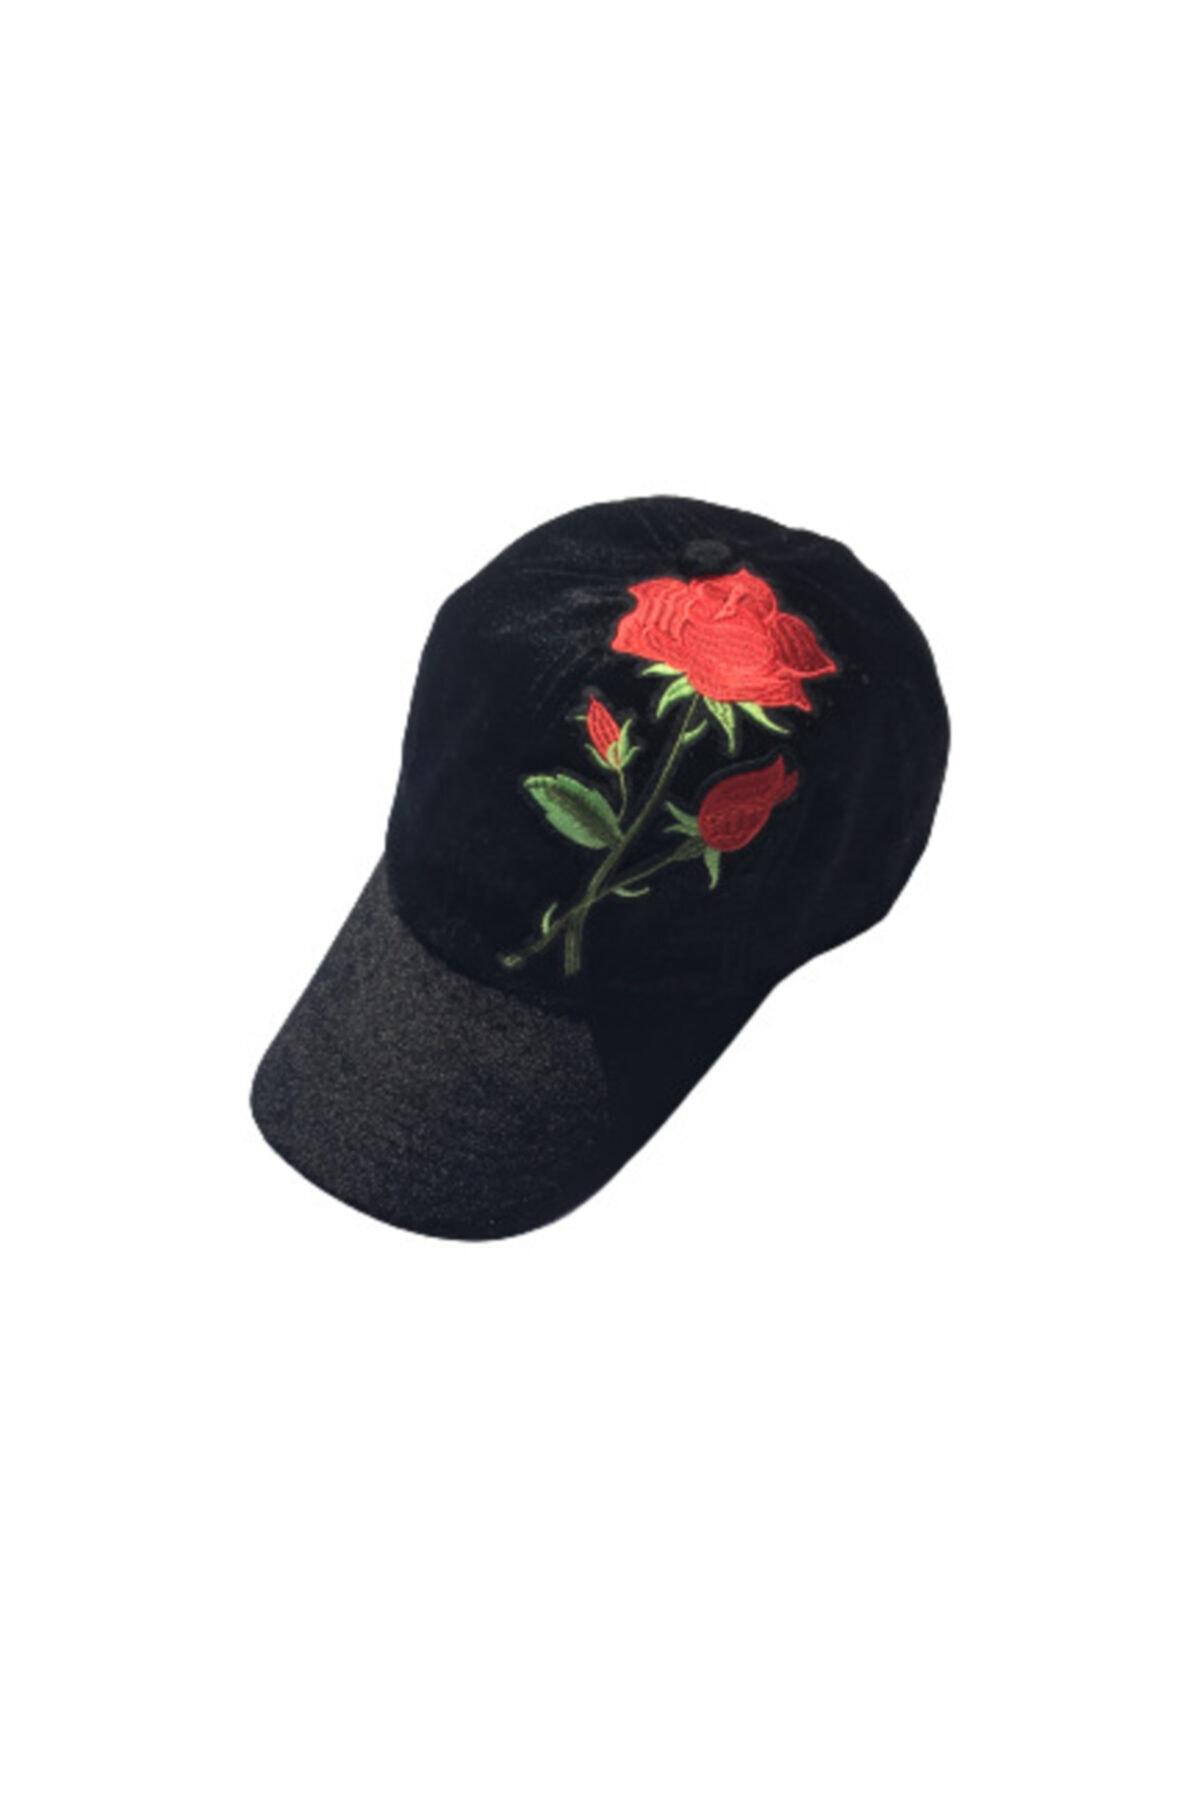 HANGNAVAL Gece Gülü Şapka Kadın Erkek Kadife Şapka 2